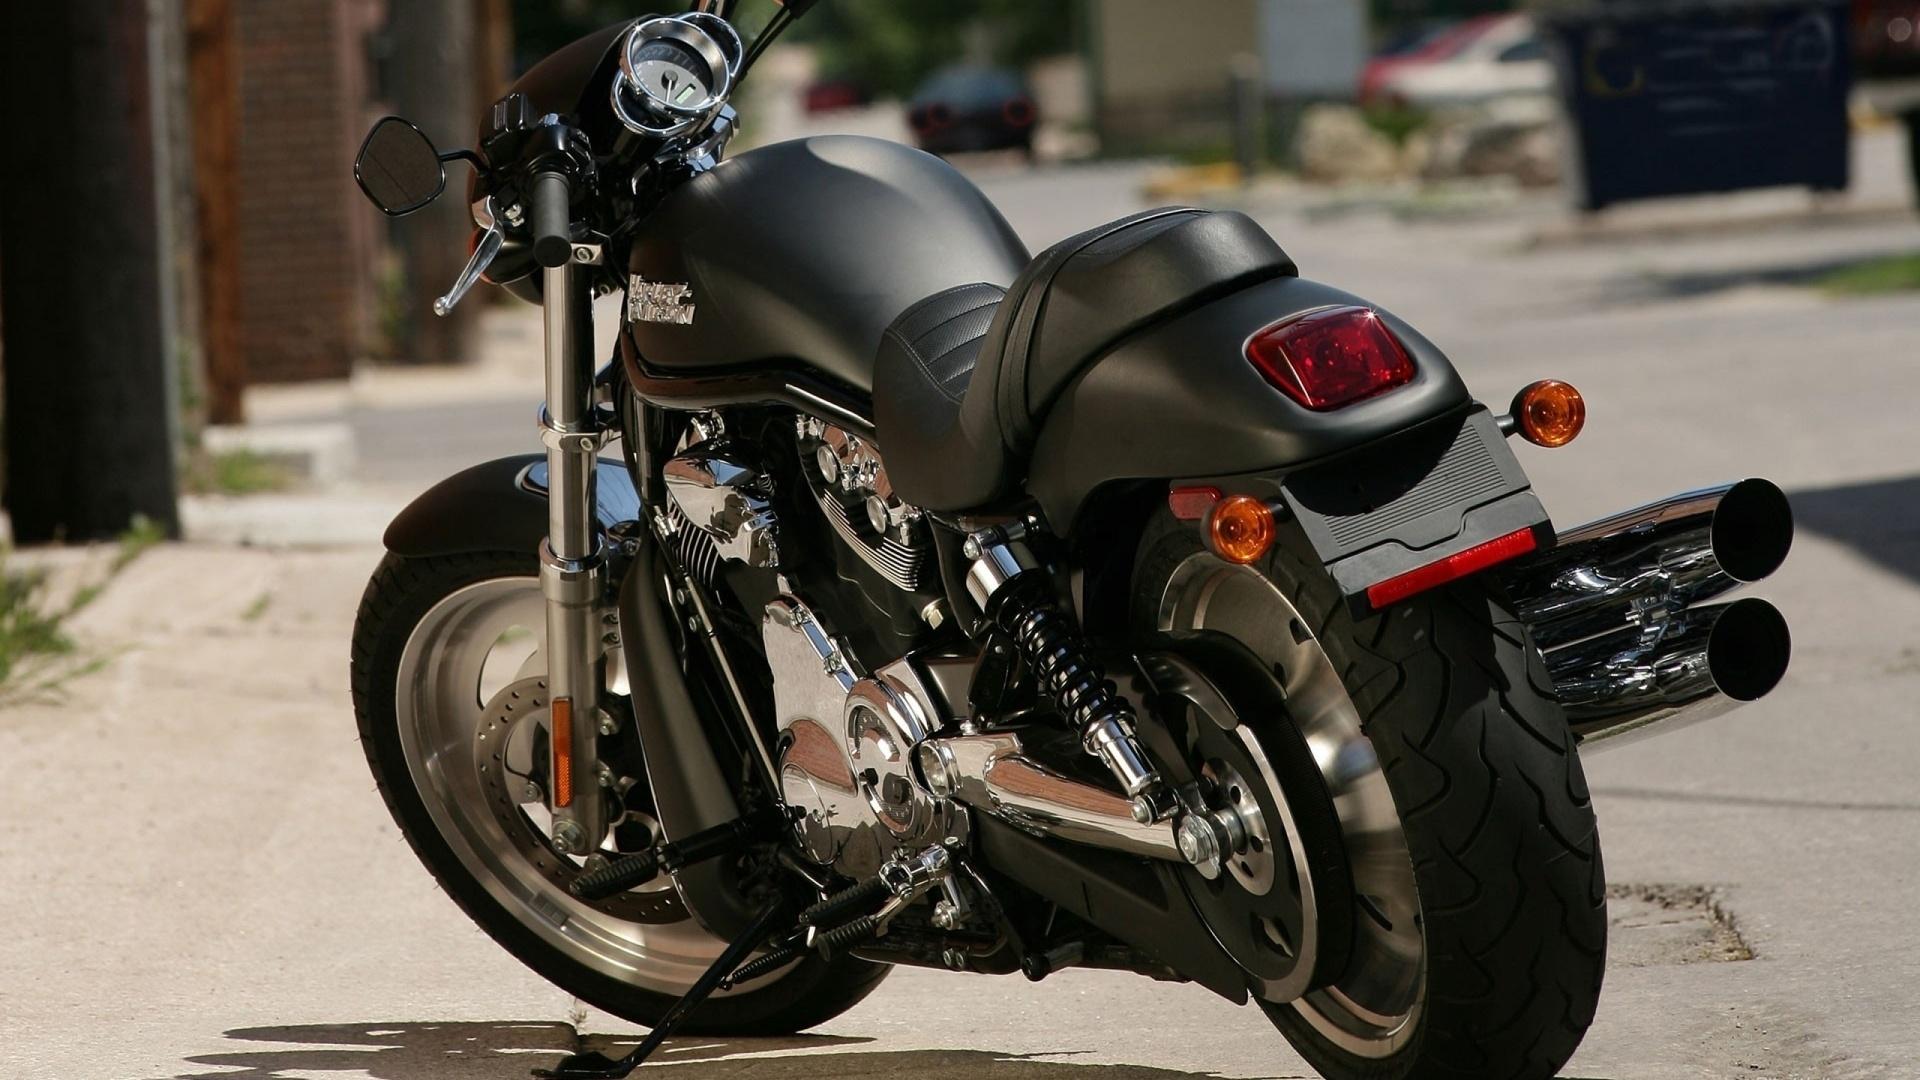 харлей дэвидсон, мотоцикл, байк, черный, дорога, улица